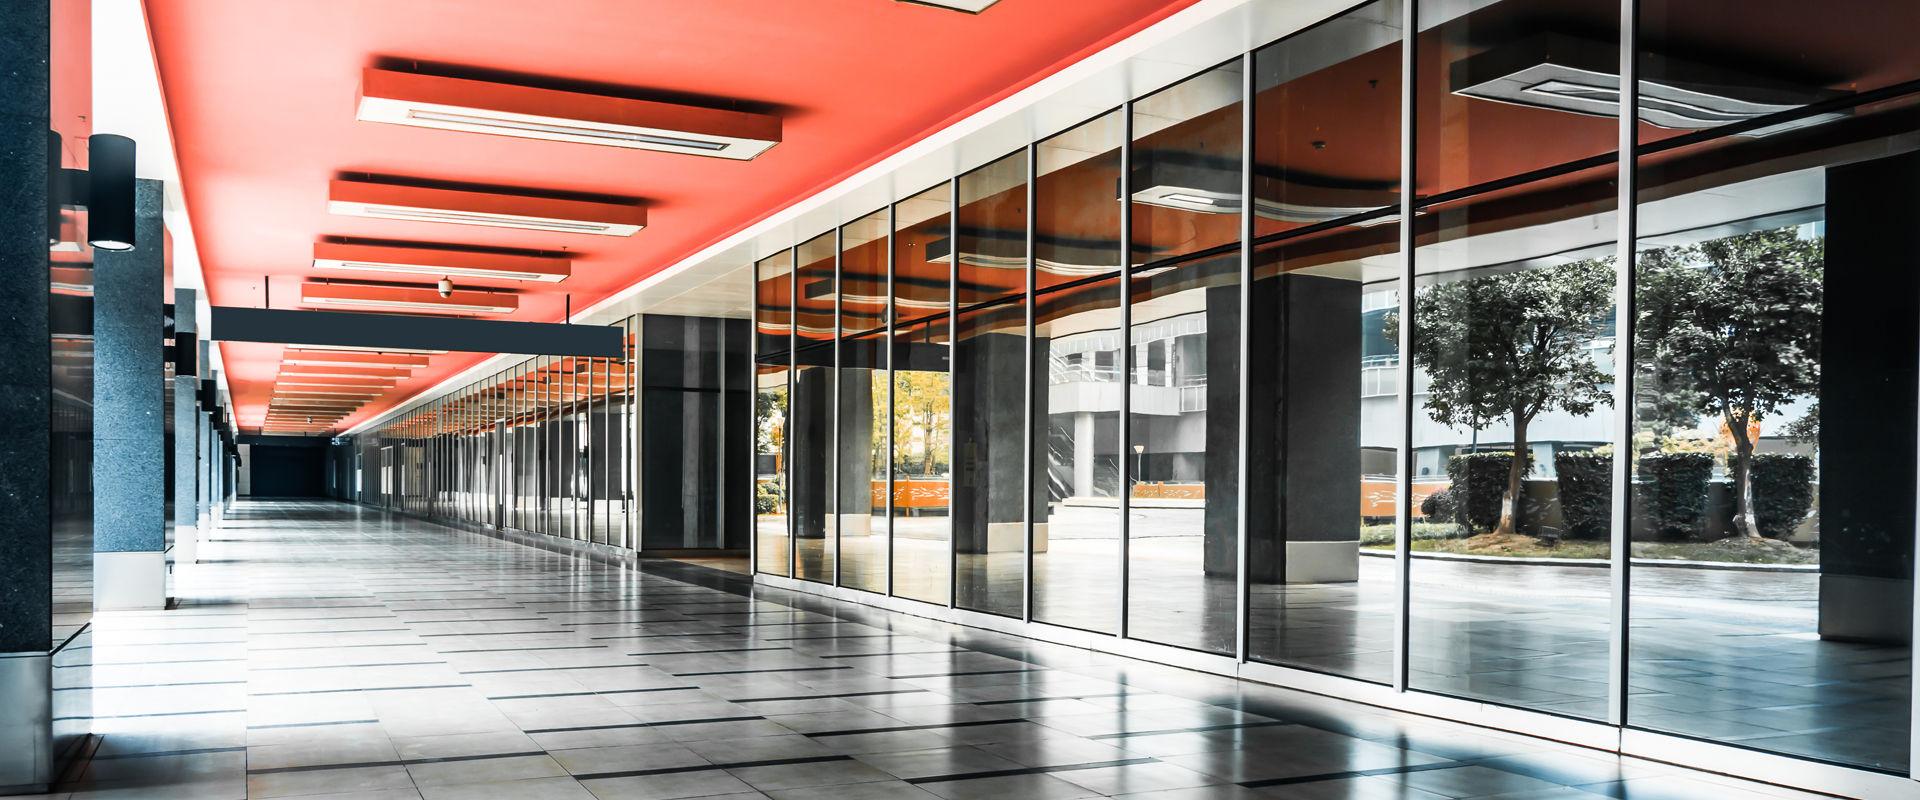 Empresa de reformas en valencia construcci n mantenimiento clurjor - Empresas construccion valencia ...